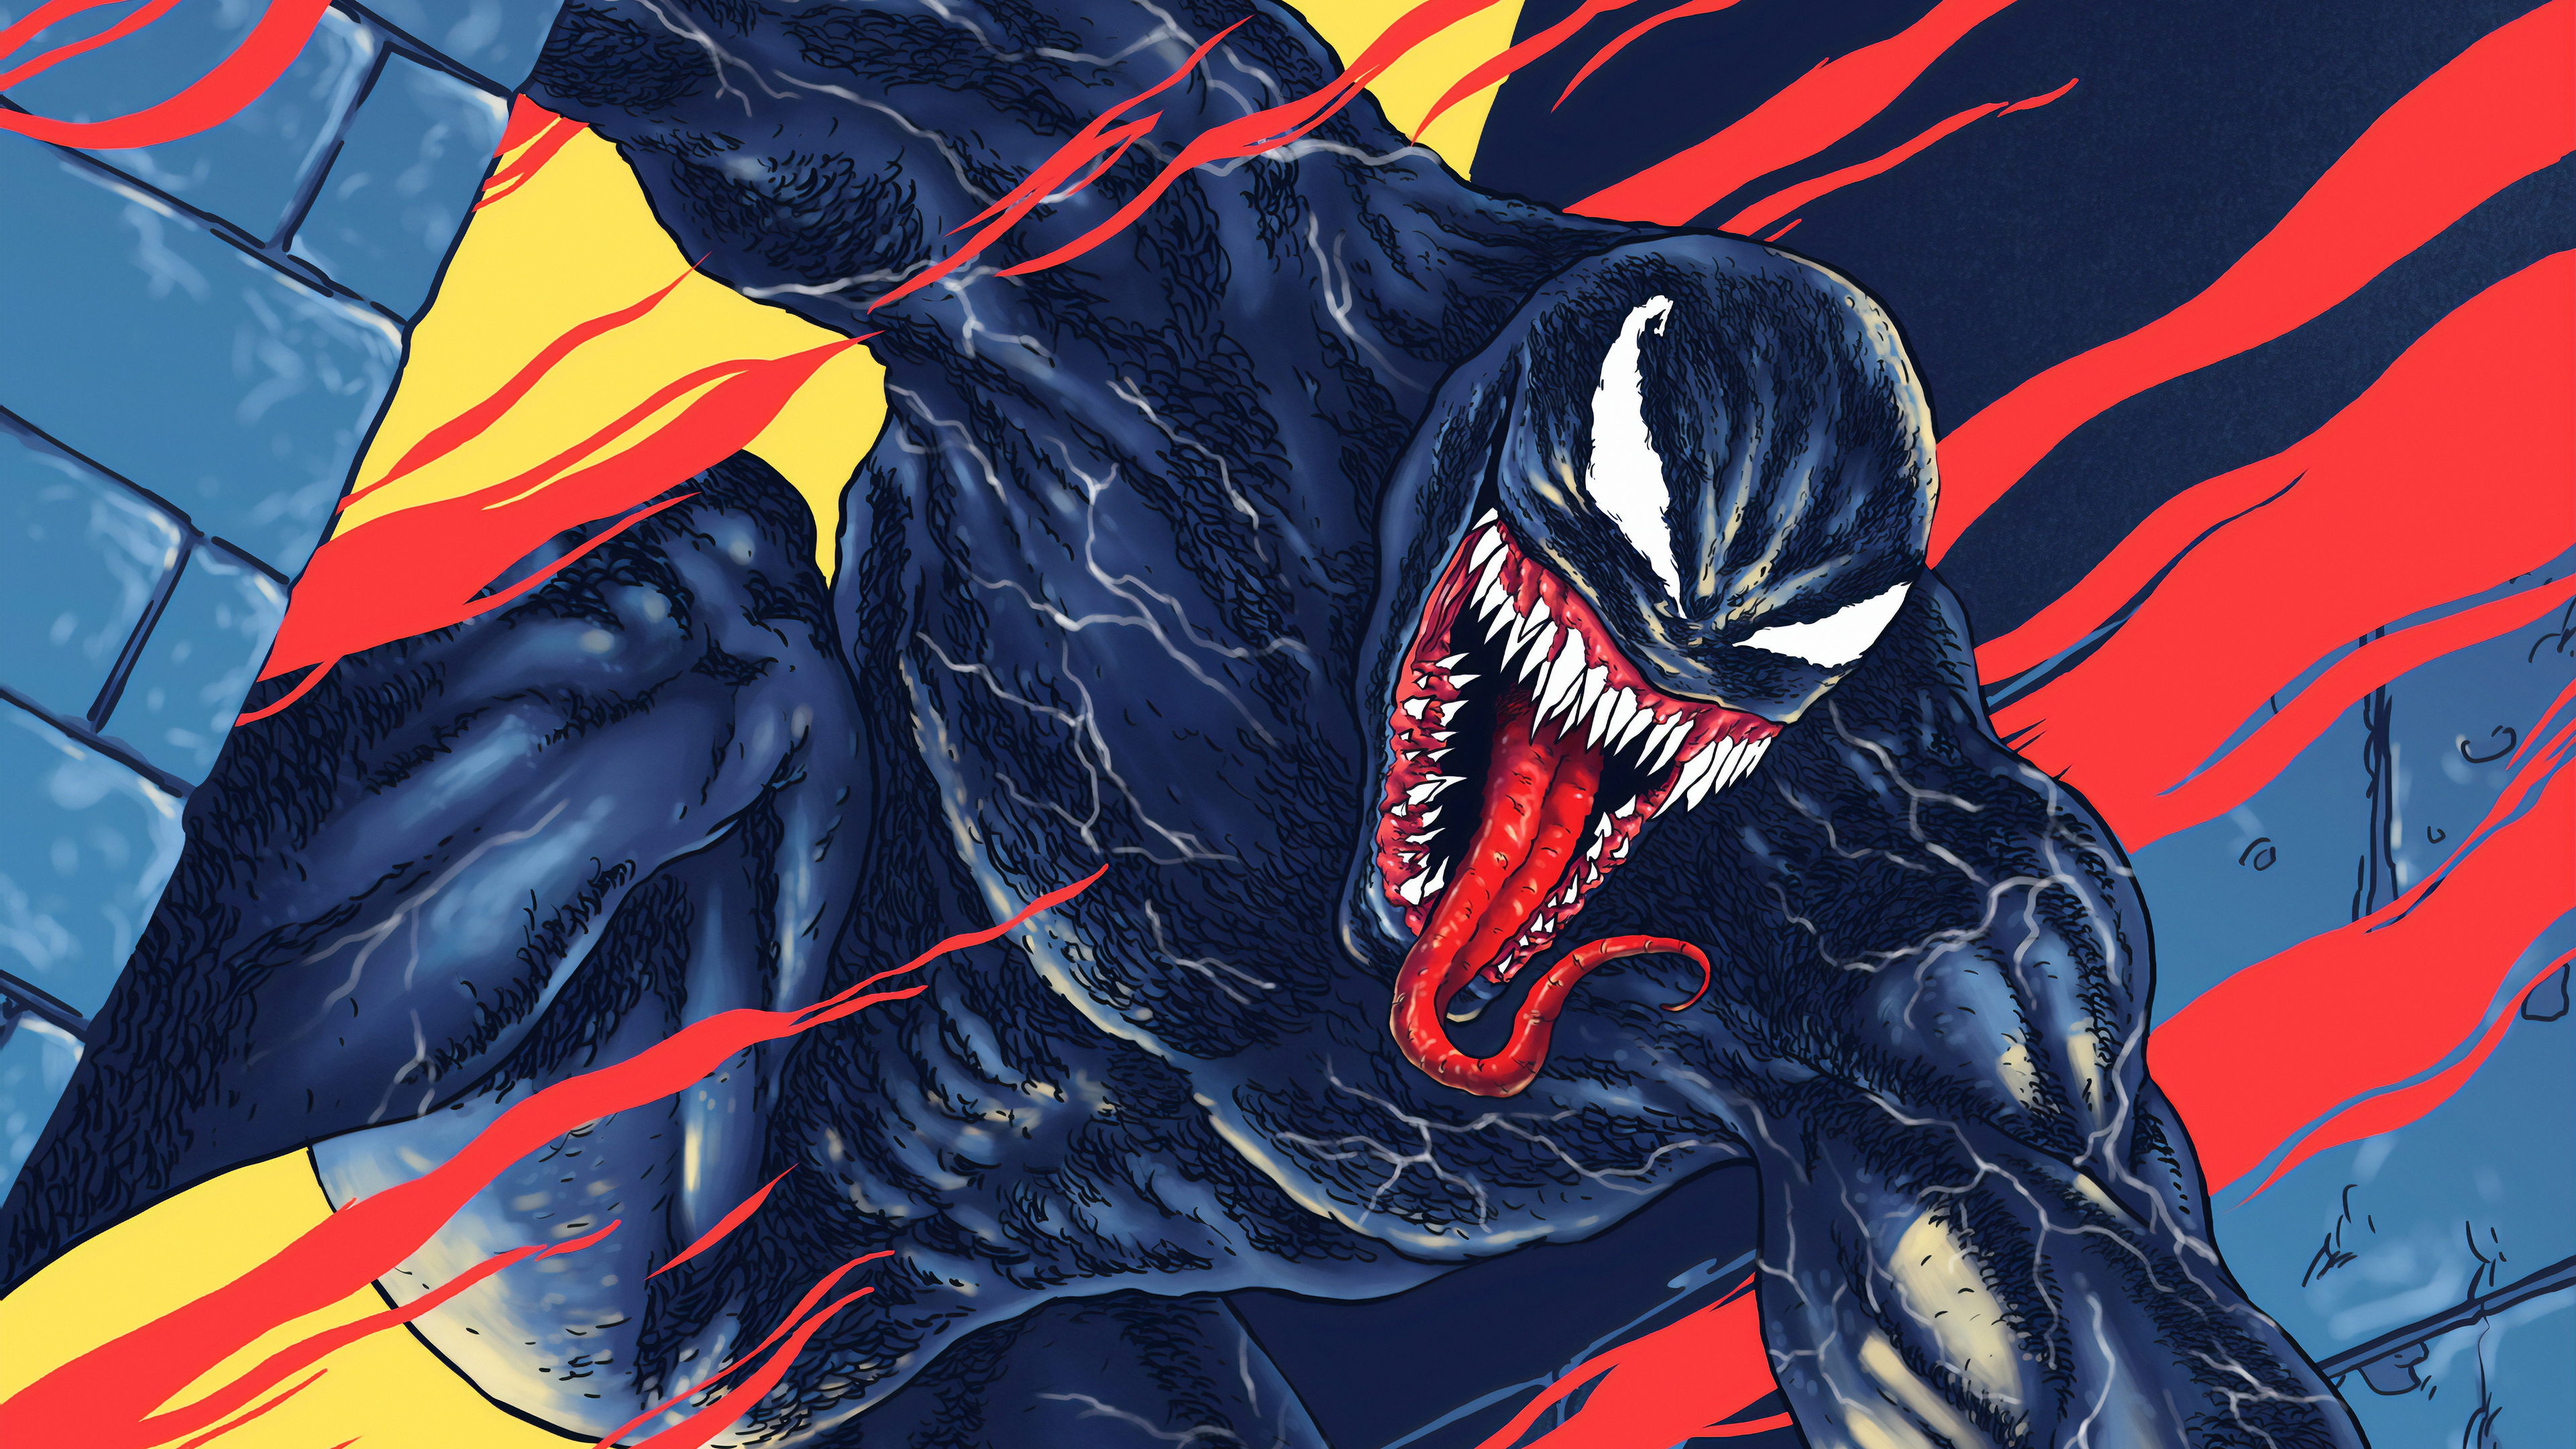 venom take over city 1570918670 - Venom Take Over City - Venom wallpapers, superheroes wallpapers, hd-wallpapers, digital art wallpapers, artwork wallpapers, 4k-wallpapers